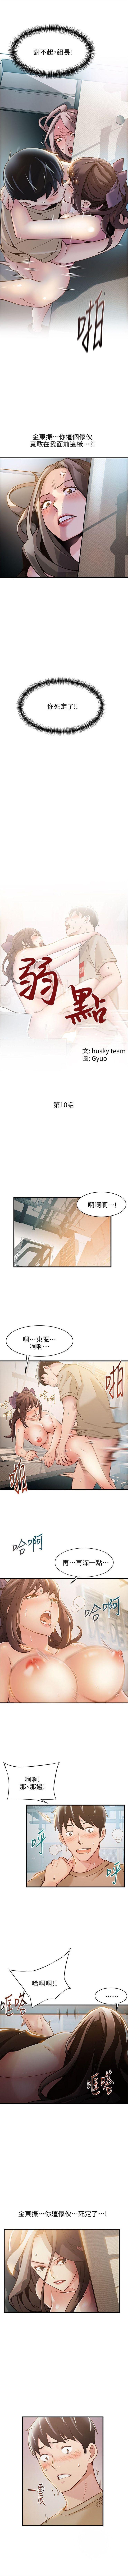 (周7)弱点 1-66 中文翻译(更新中) 60